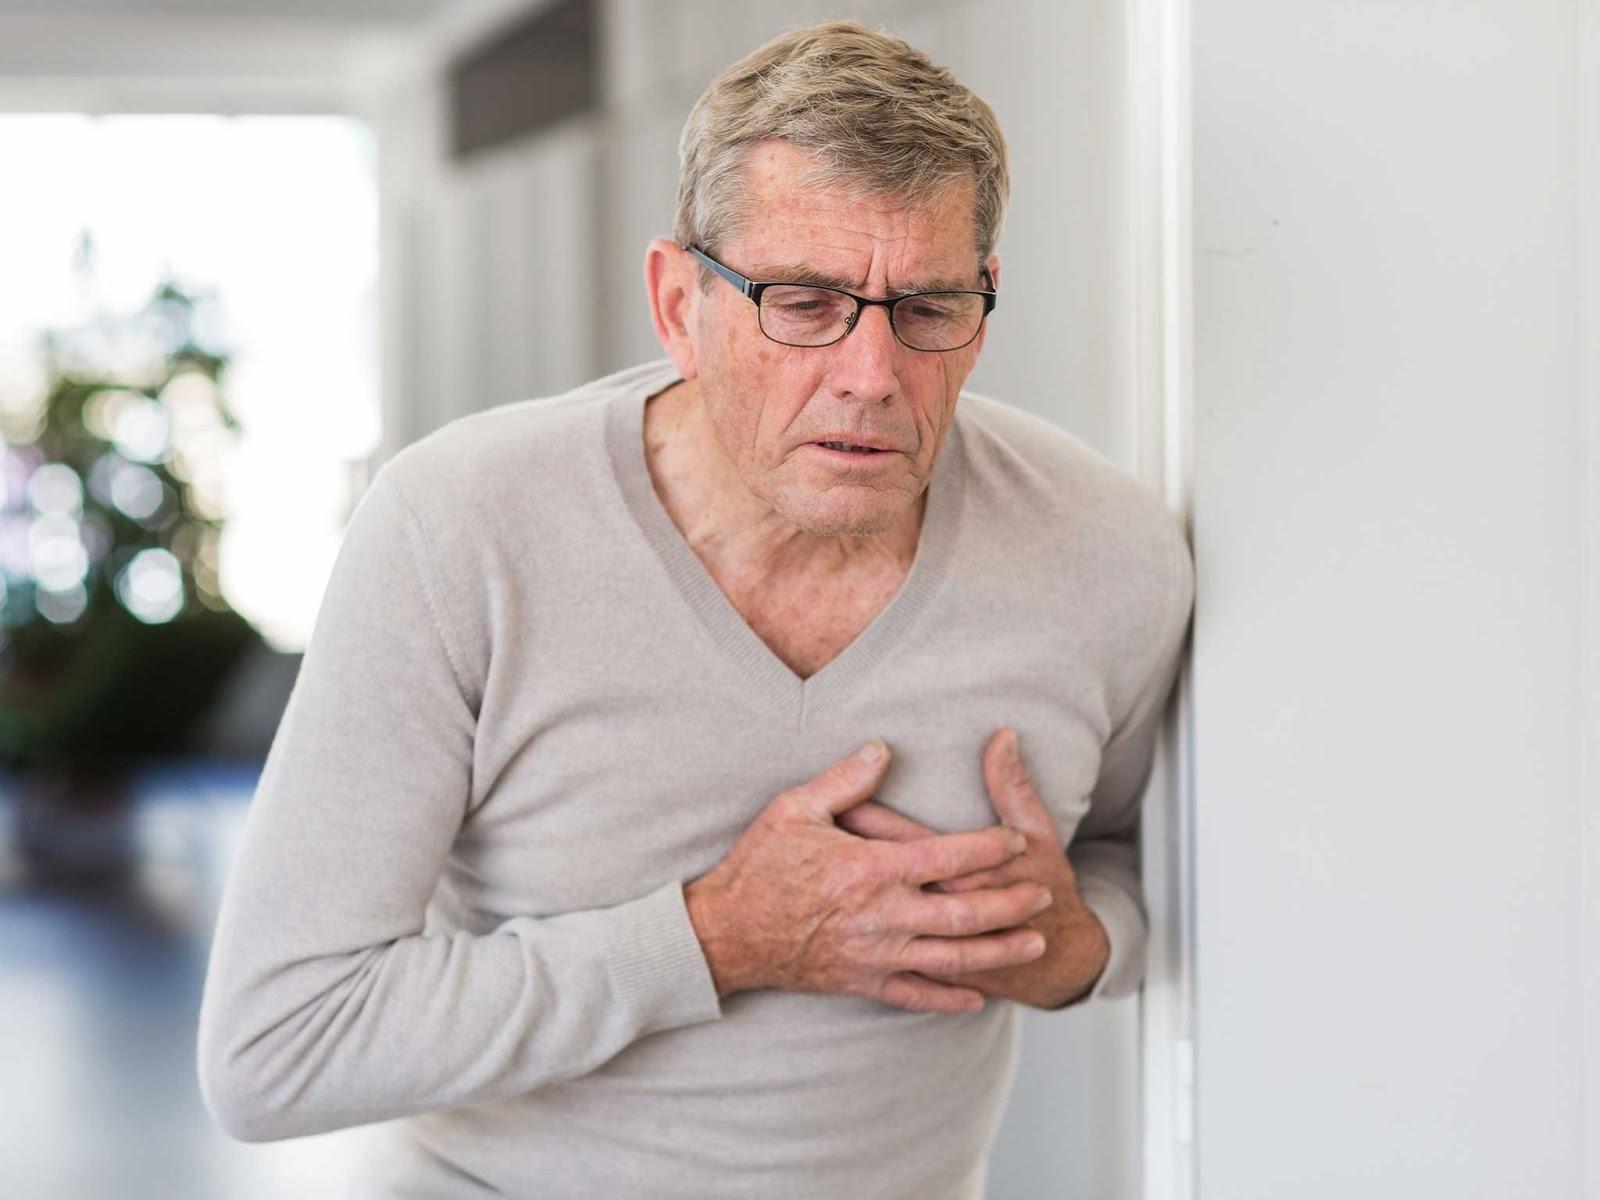 حملههای قلبی در زمانهای معینی بیشتر رخ میدهند